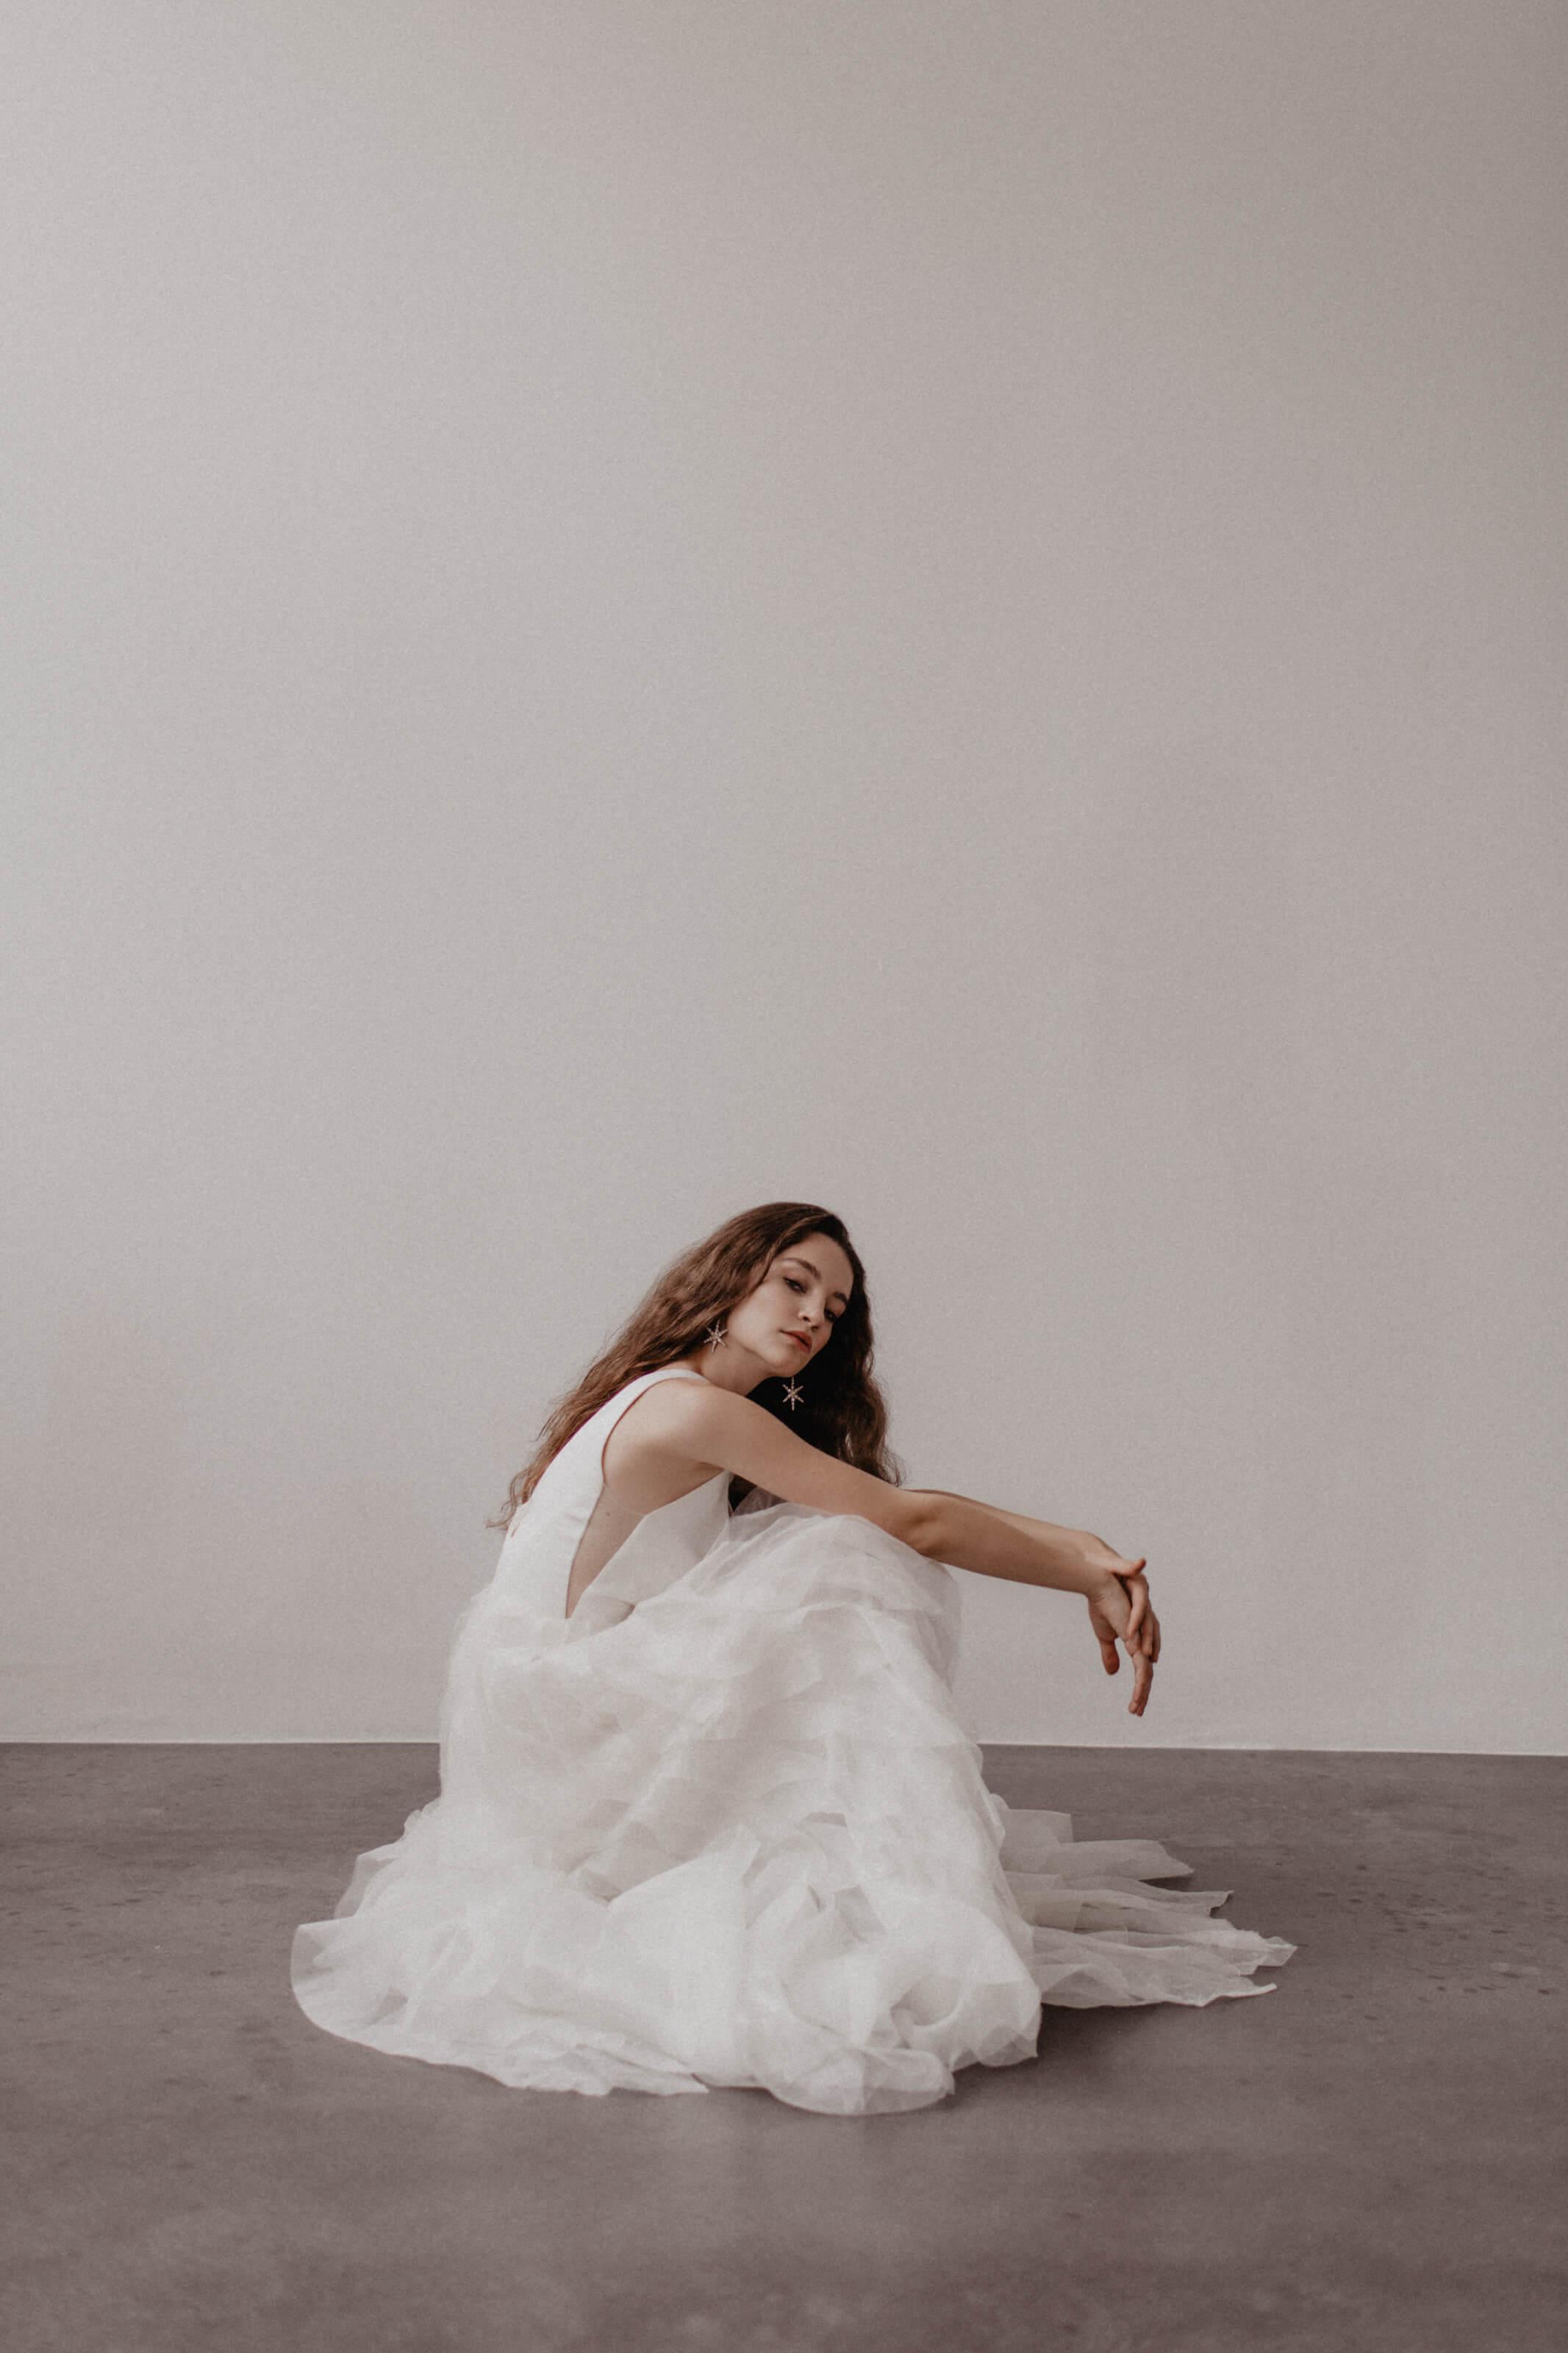 hochzeit modern asian wedding leonie rosendahl 192 -